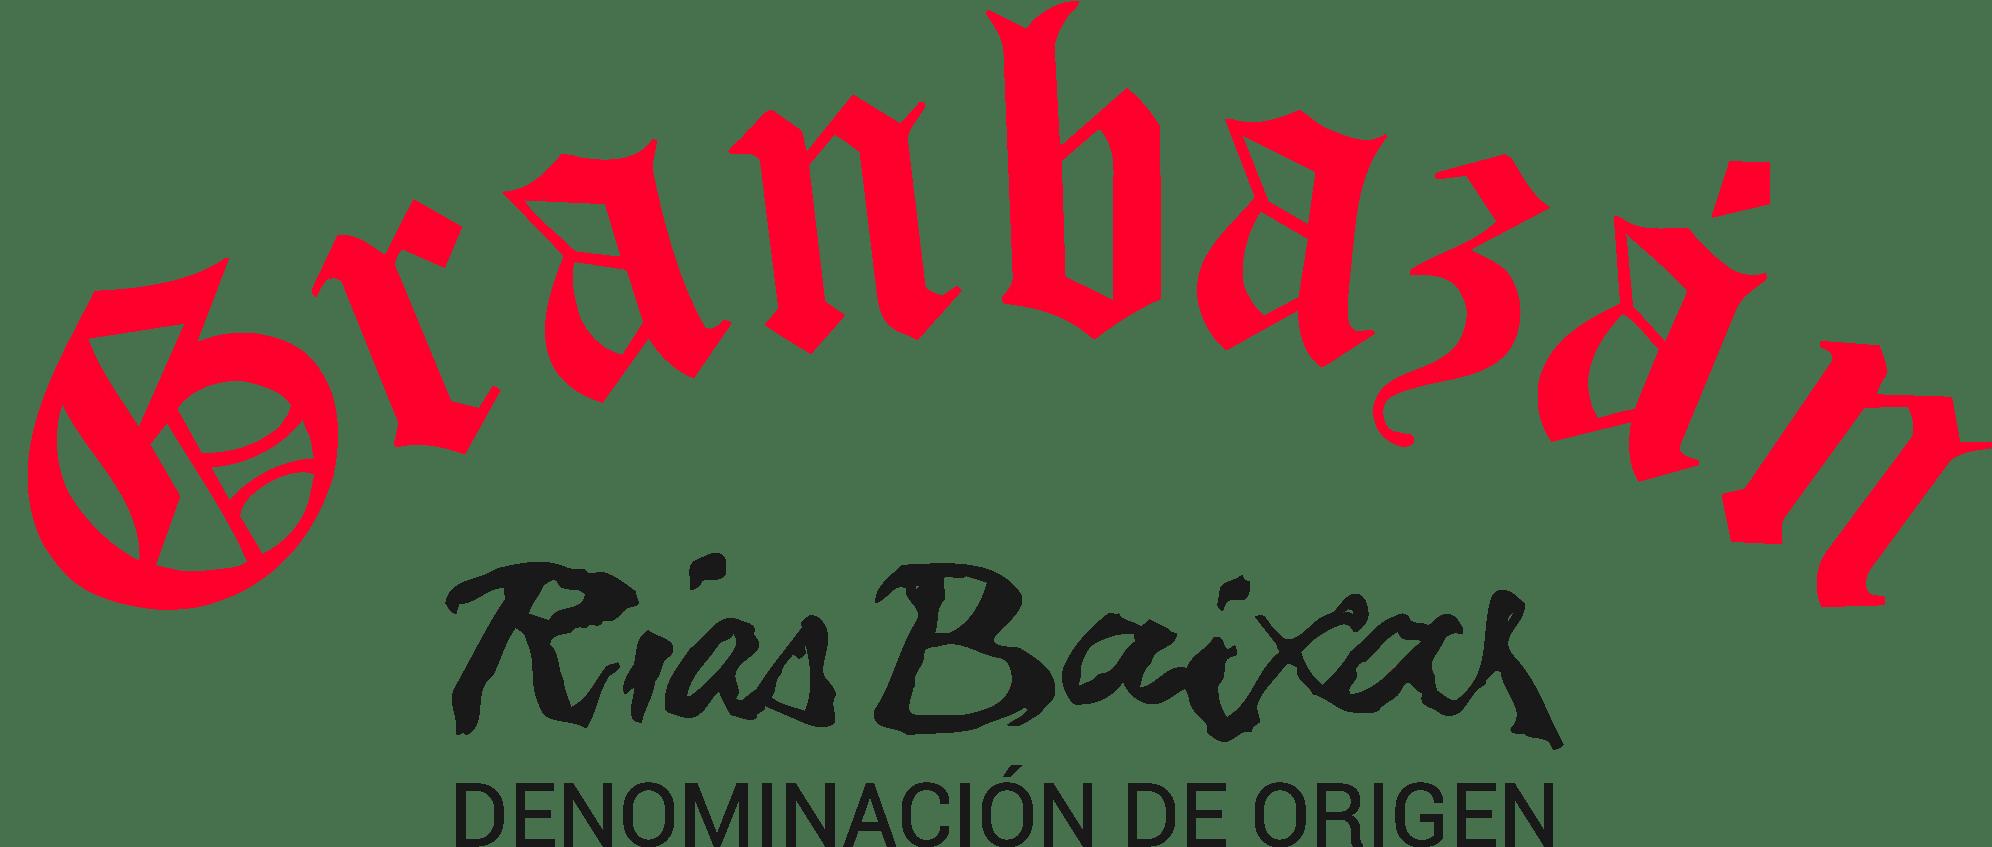 Información de sus vinos, bodegas, historia, noticias y visitas a bodega